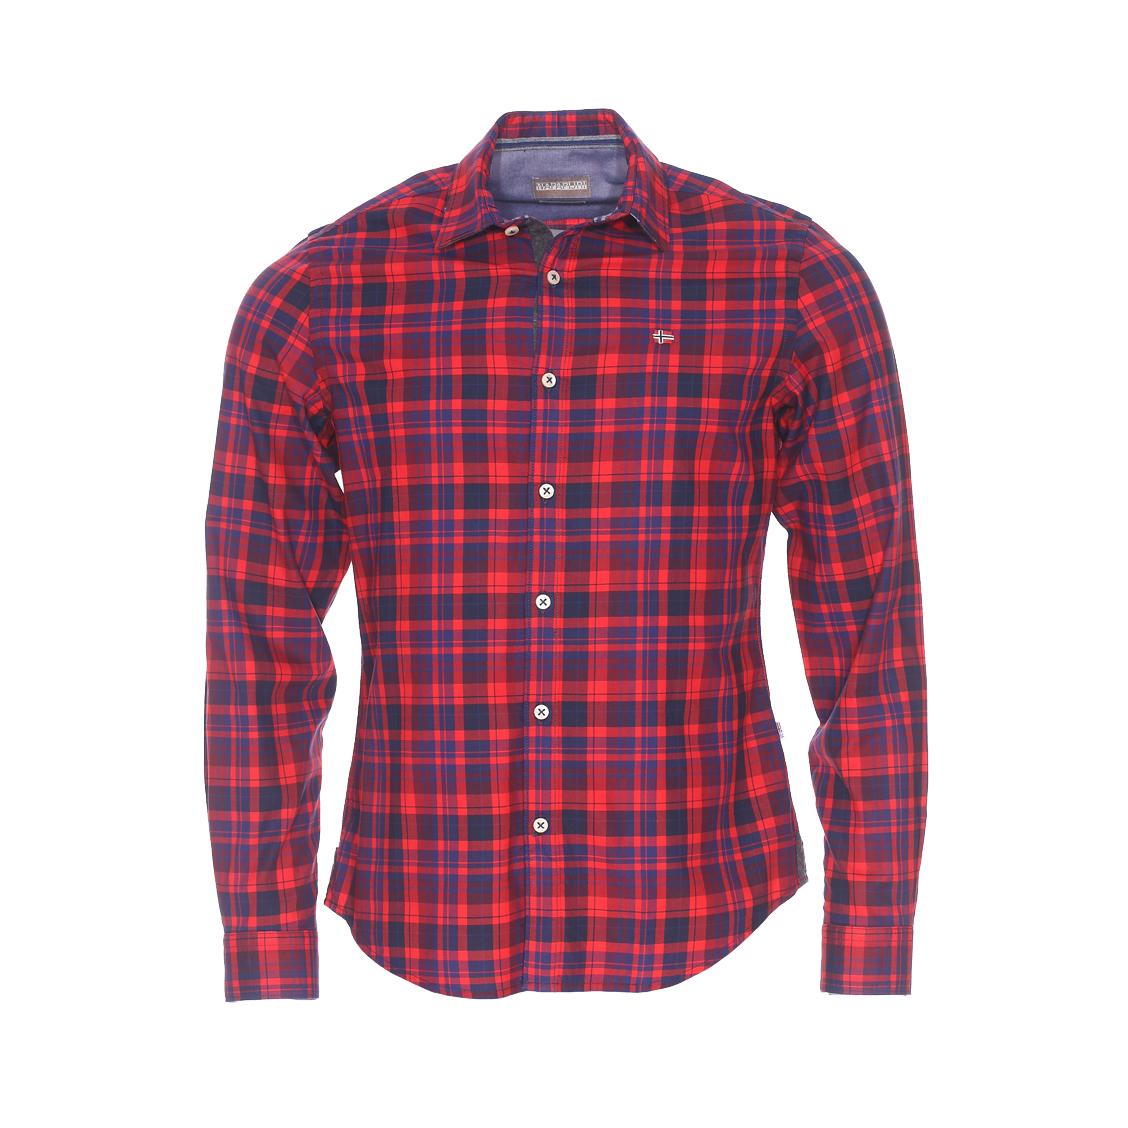 Chemise cintrée  gederit en coton rouge à carreaux bleu marine et bleu indigo